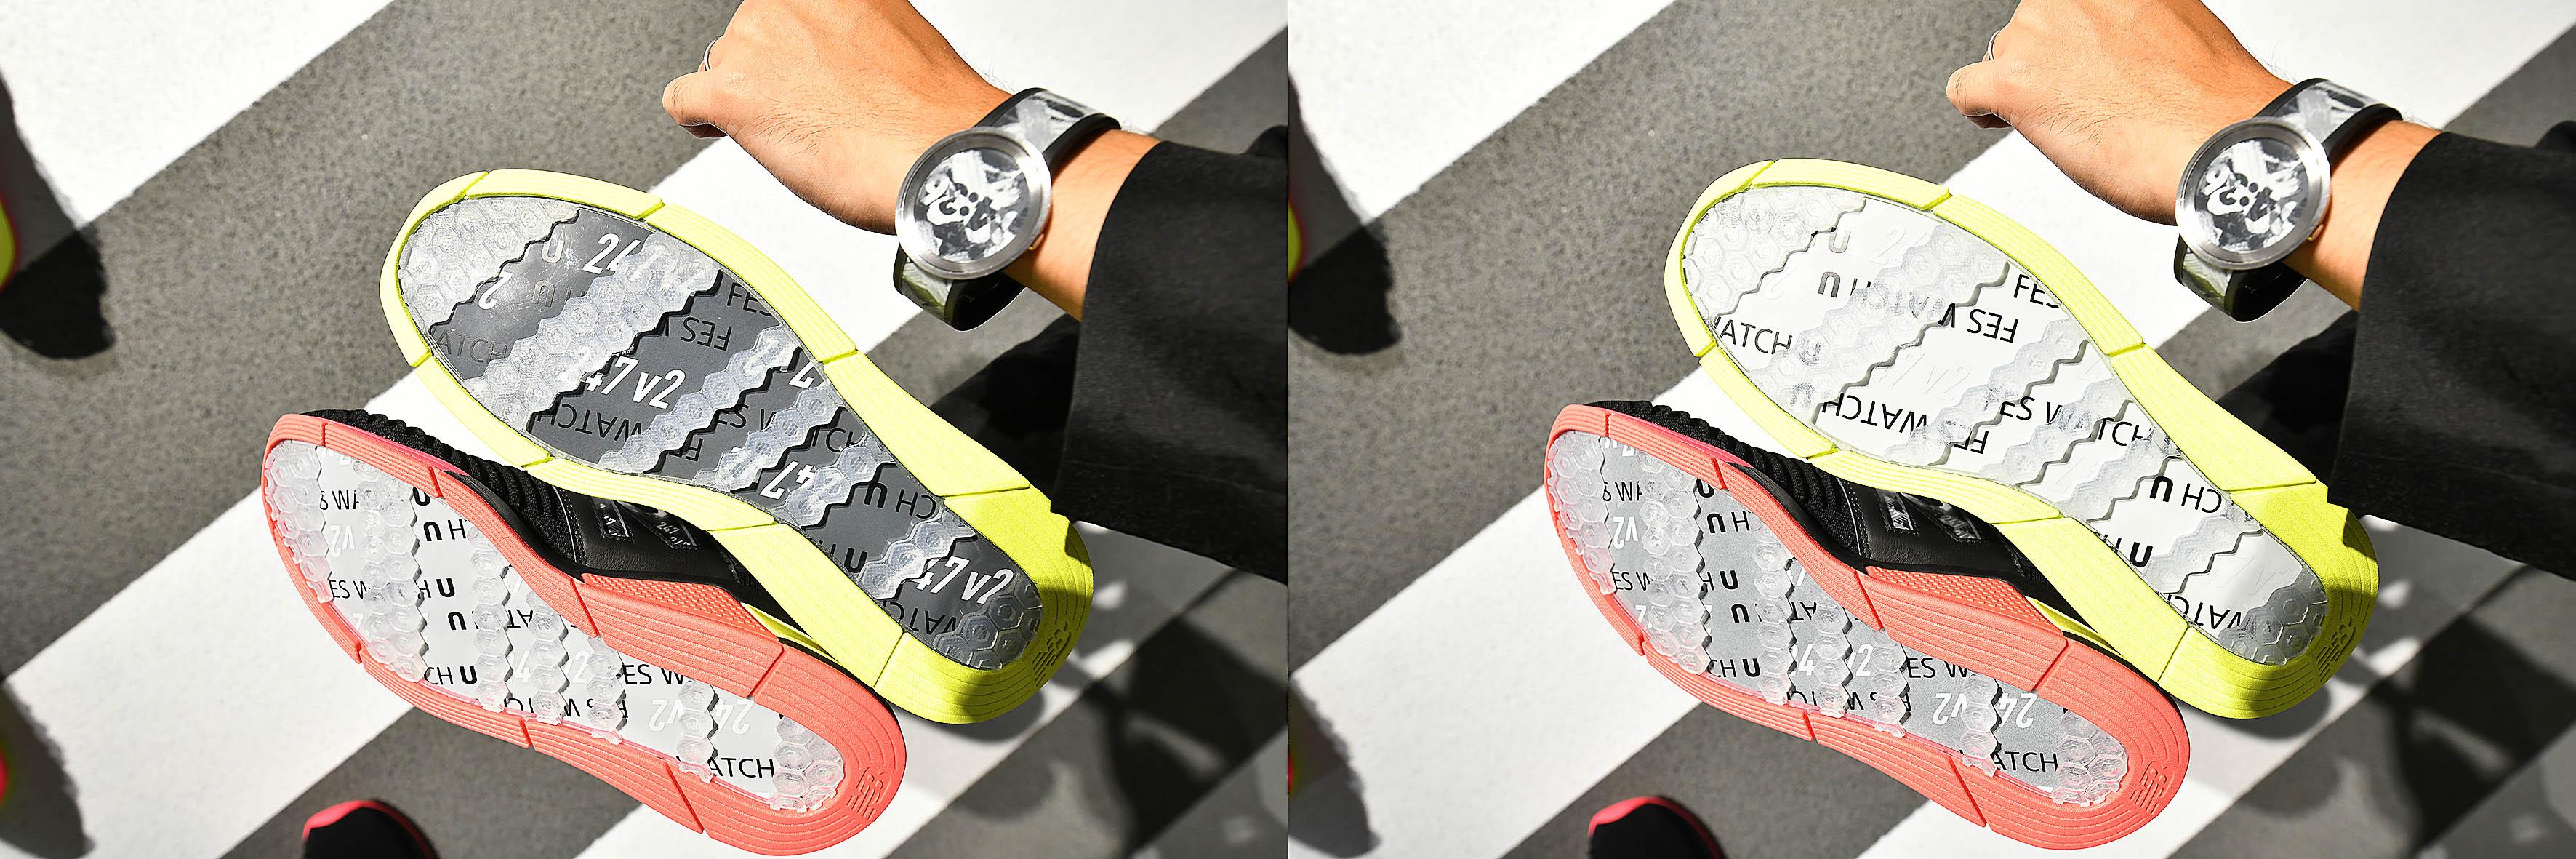 Foto: Michael B. Rehders Megaklasse: Diese Sneakers verändern die Farben ihren Sohlen. Gesteuert wird Farbe und Styling über die Smartfunktion einer Uhr. Sehr innovativ, das sofort ein Habenwollen-Gefühl erzeugt.